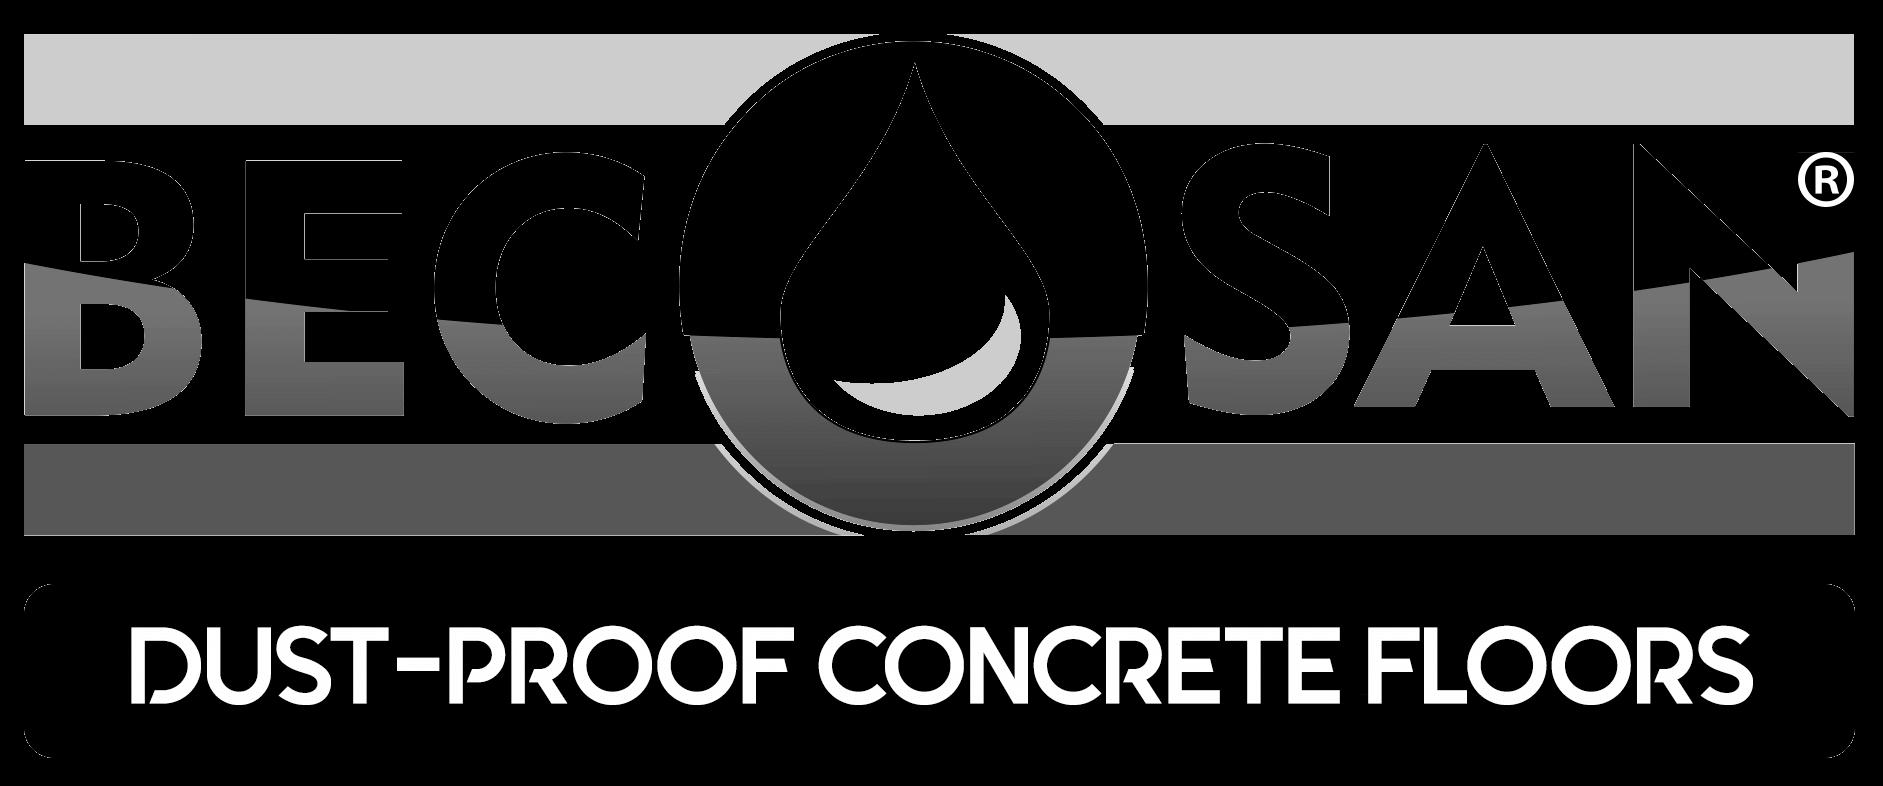 EN becosan logo dustproof transparent - Pisos de concreto pulido